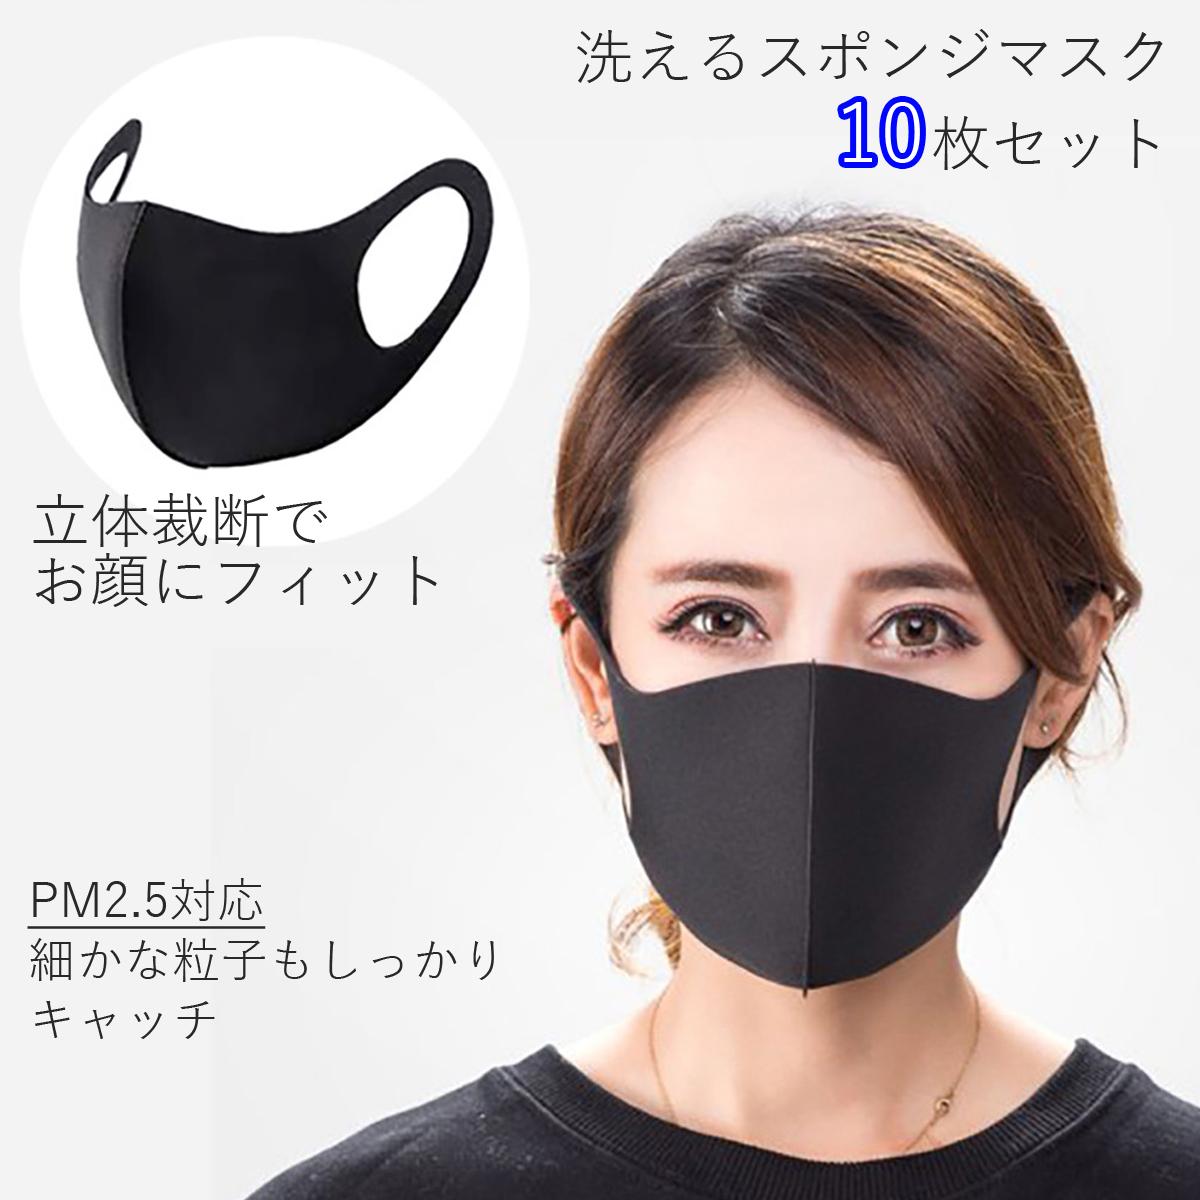 洗える立体スポンジマスク 10枚セット